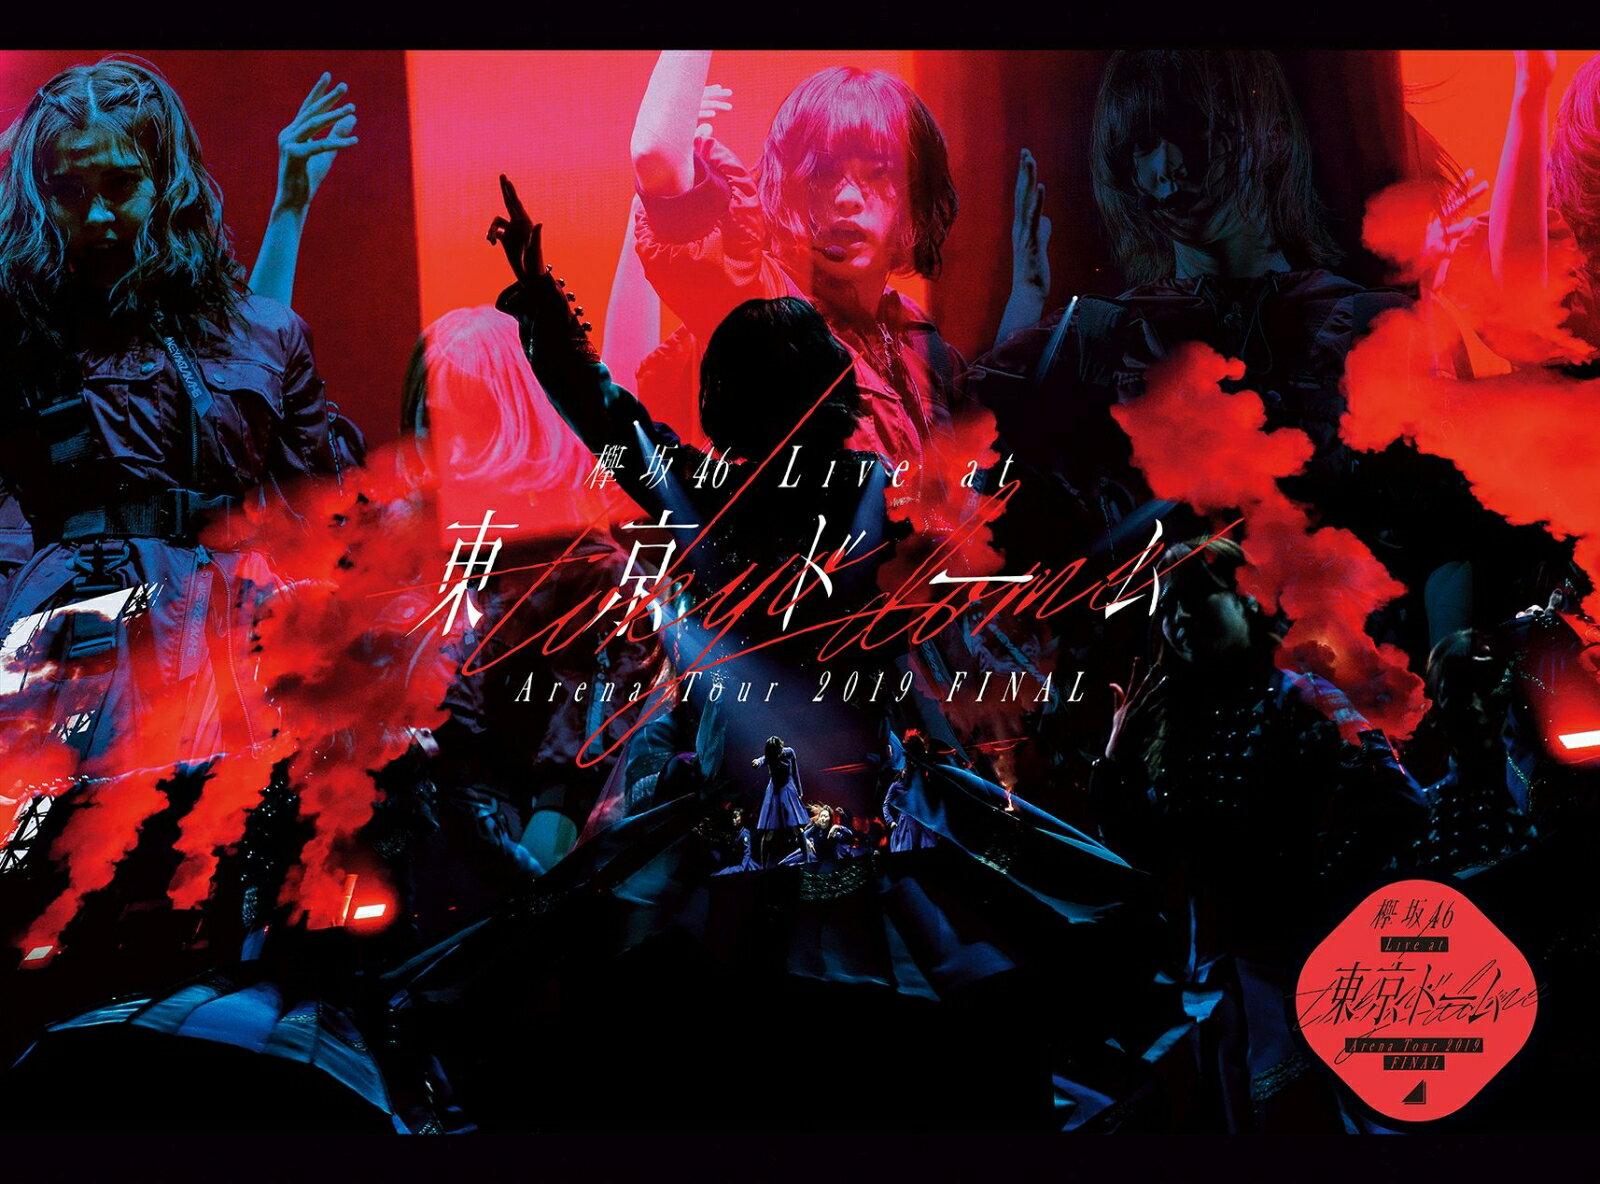 欅坂46 LIVE at 東京ドーム ~ARENA TOUR 2019 FINAL~(初回生産限定盤)【Blu-ray】